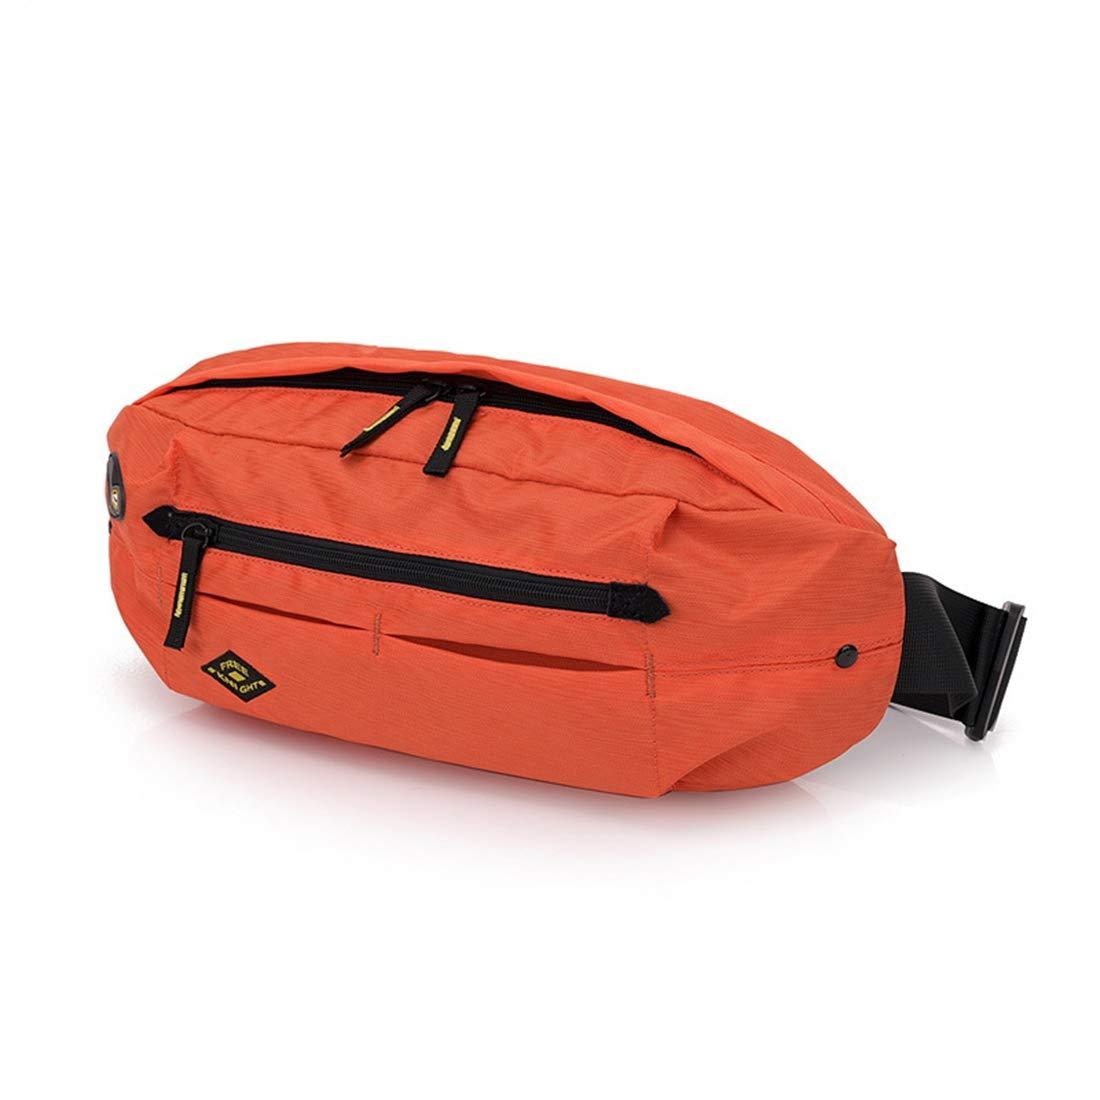 RABILTY Belt Holster Bag Fanny Waist Pack Crossbody Bag for Men Boy Orange Nylon Travel Neck Pouch Color : Orange